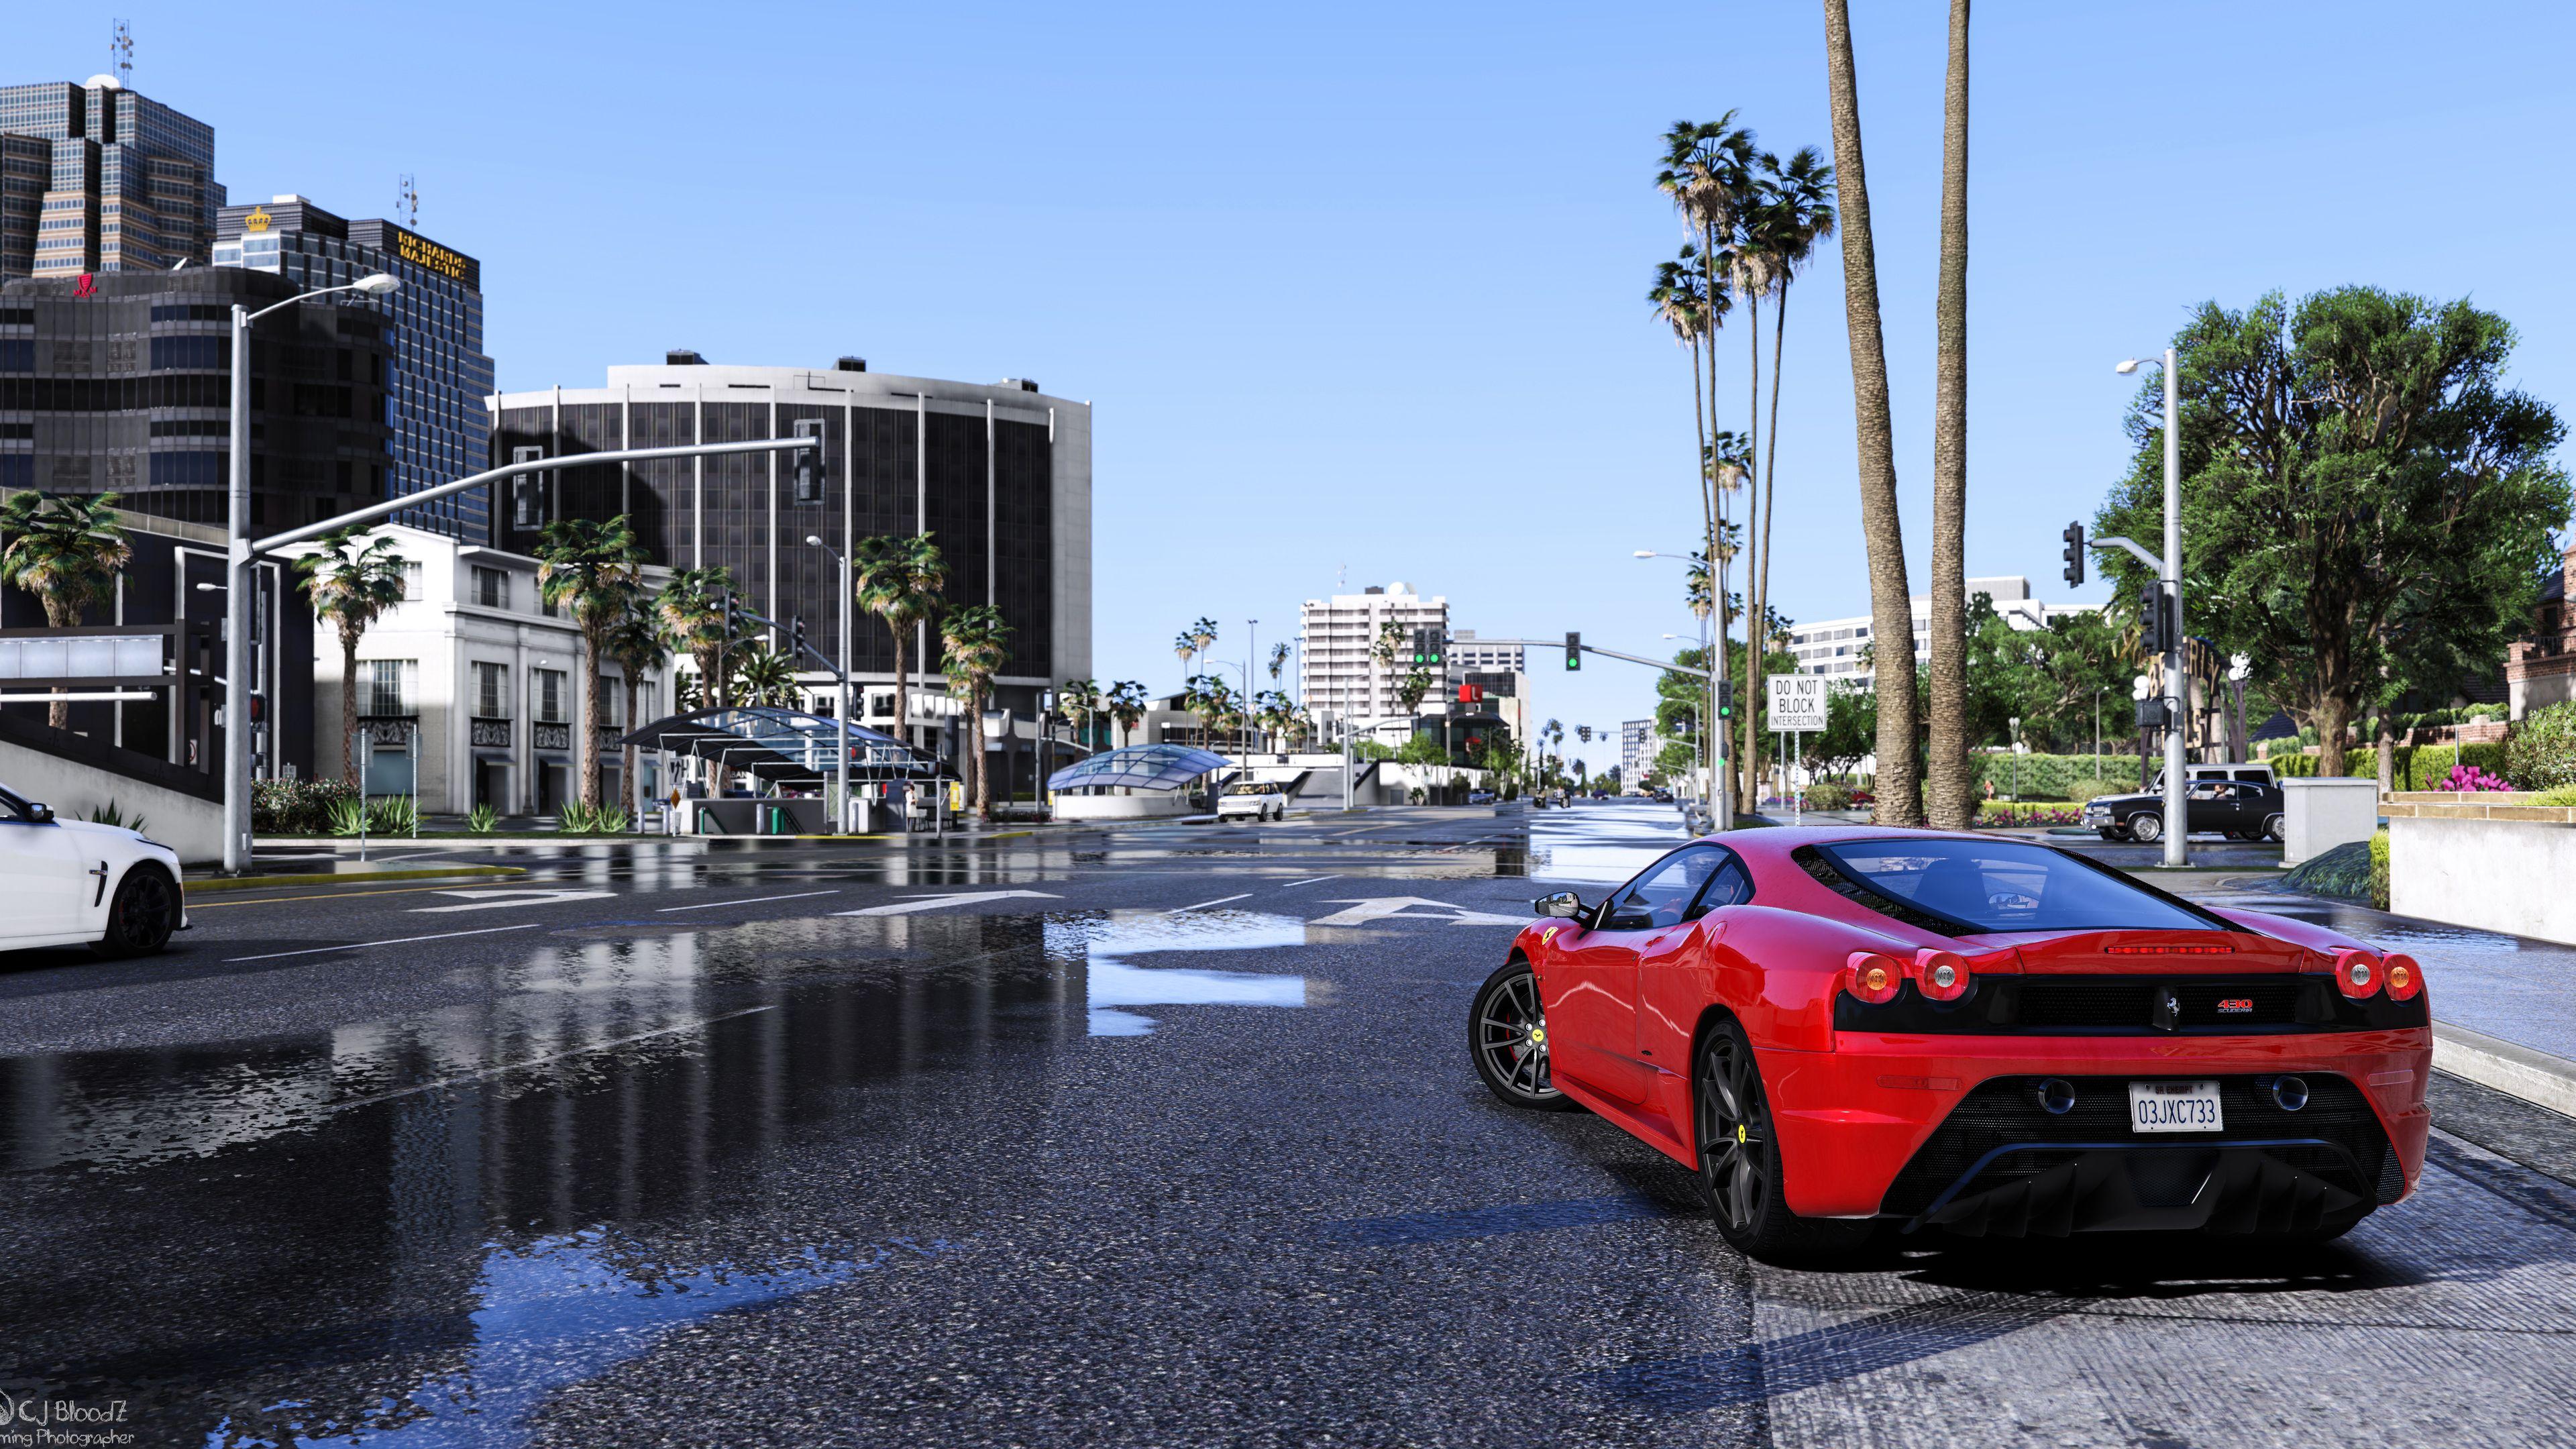 Gta V Ferrari 8k Xbox Jogos Papeis De Parede Wallpapers Ps Jogos Papeis De Parede De Jogos De Pc Hd Wallpapers Gta 5 Wallpape Pc Games Wallpapers Gta 5 Gta